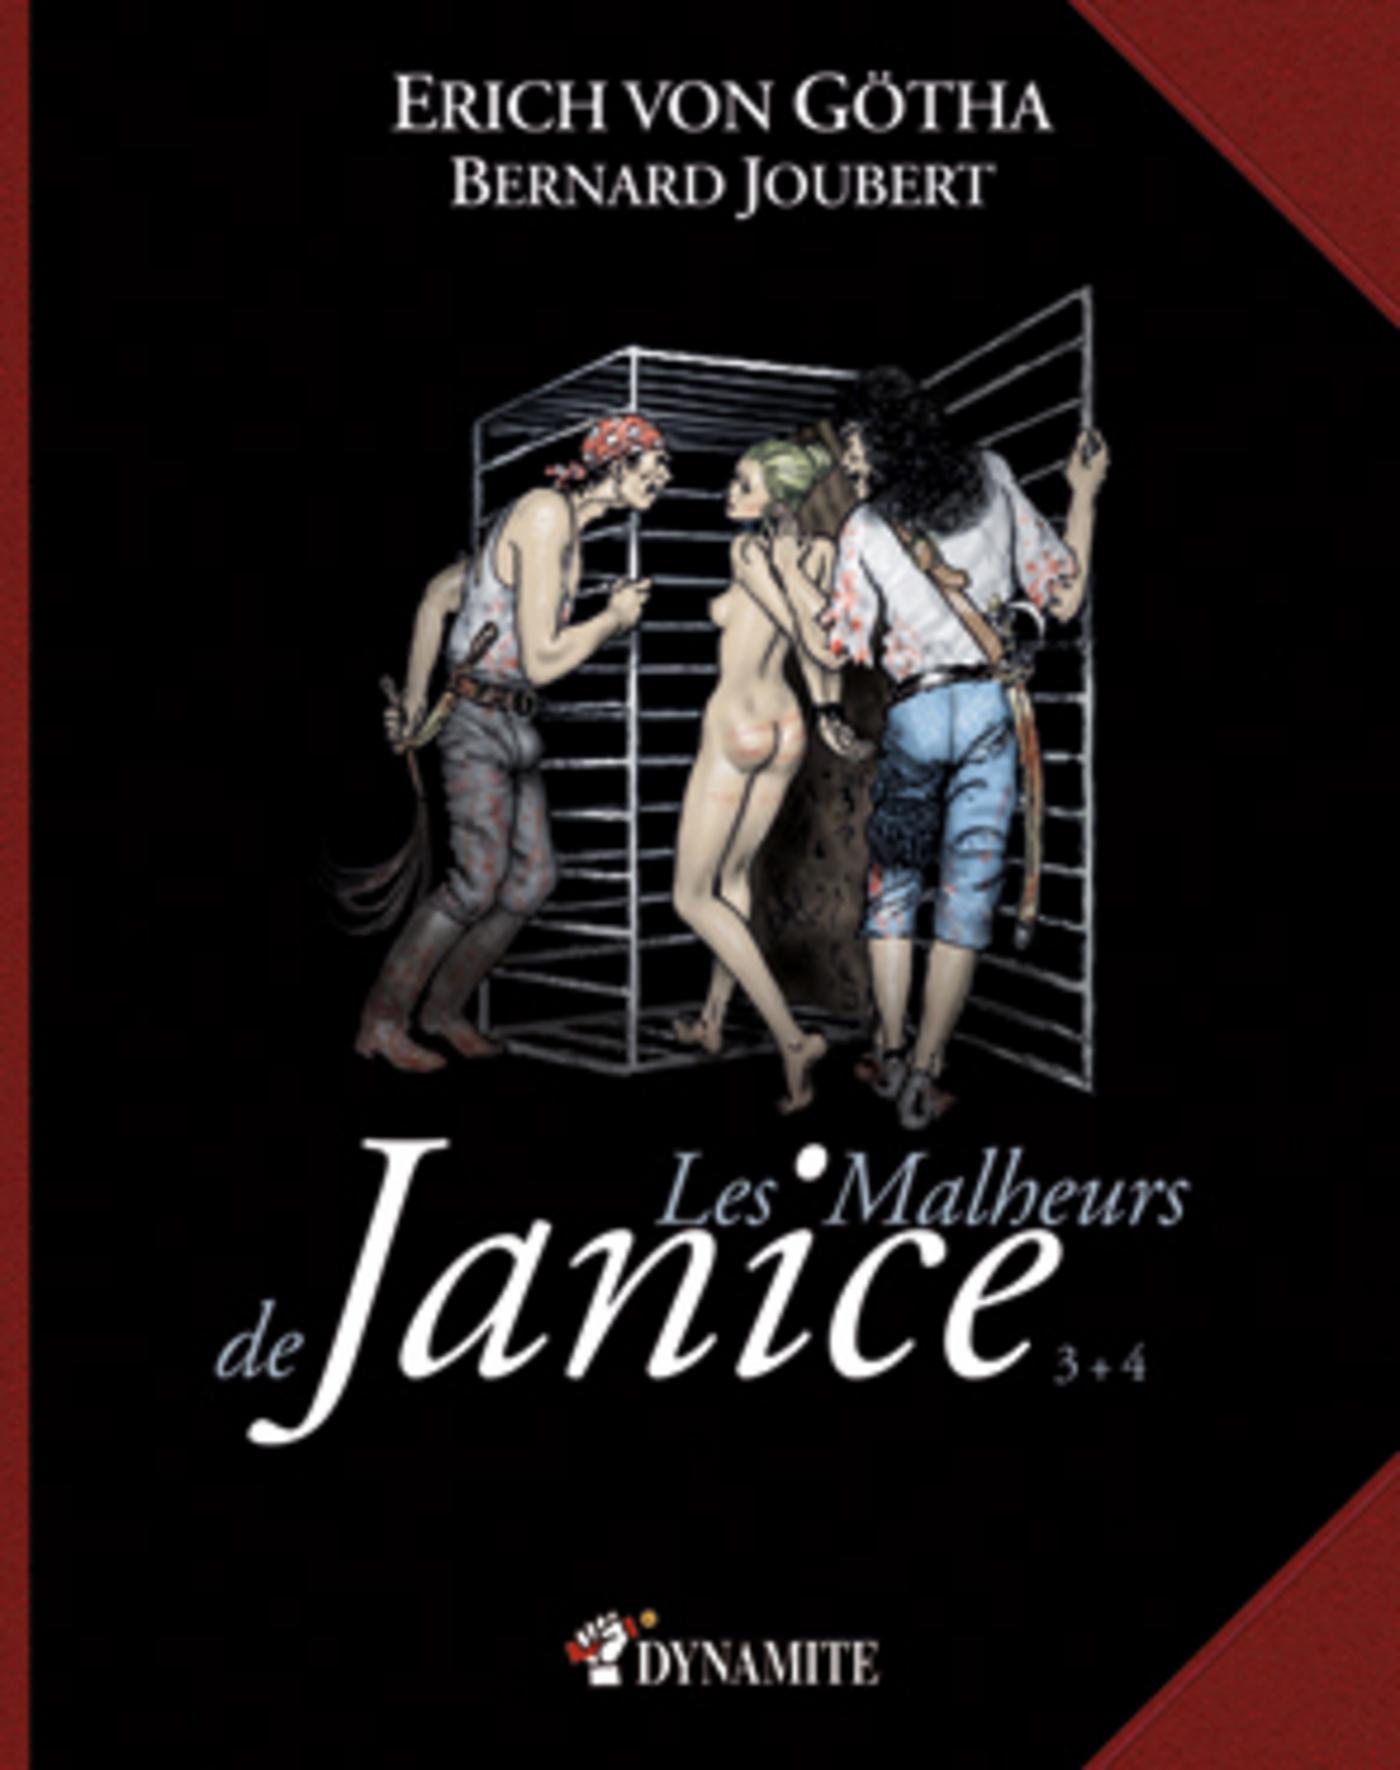 Les Malheurs de Janice - Tomes 3 et 4